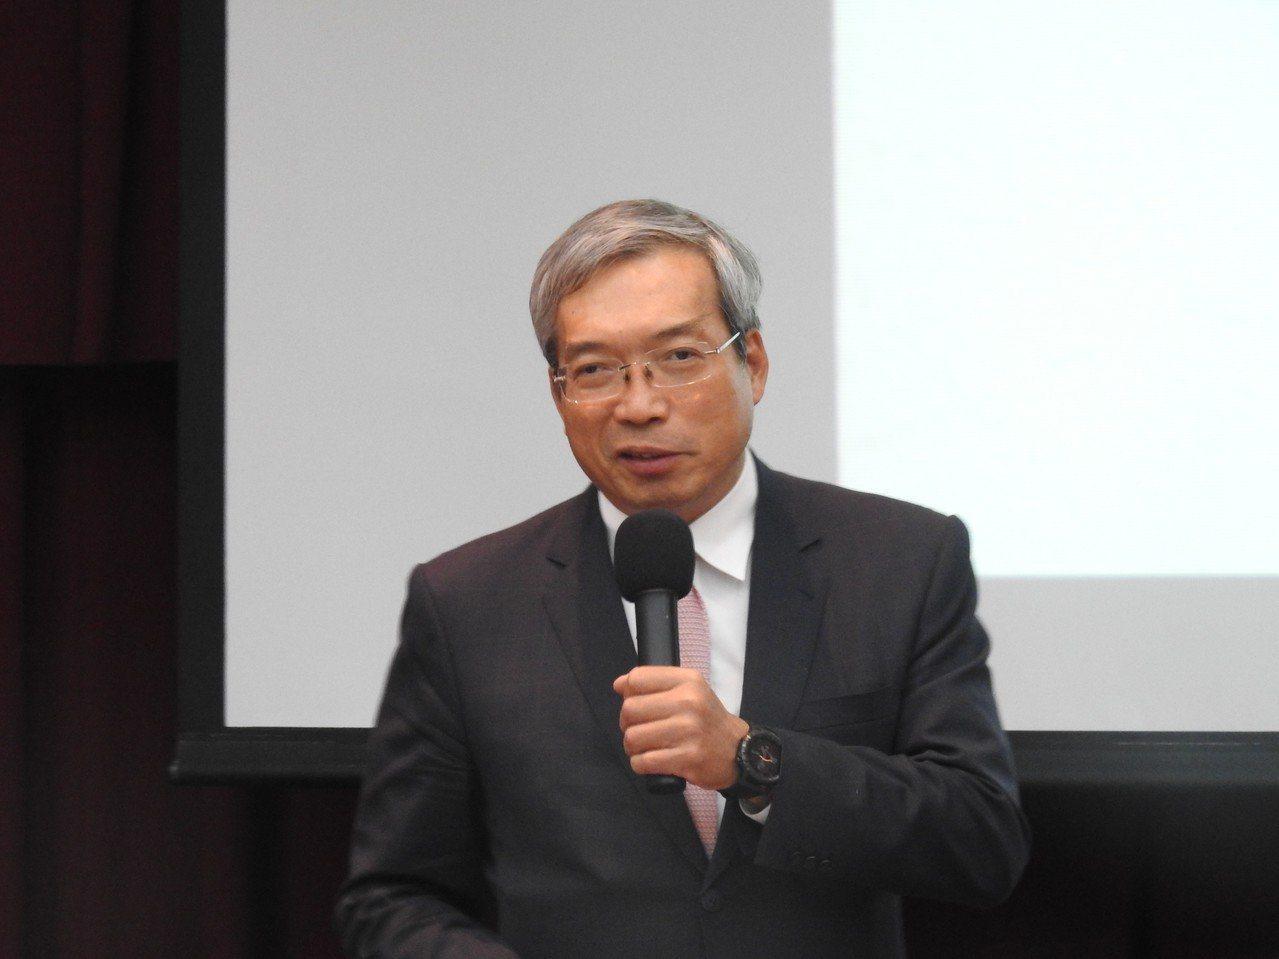 財信傳媒董事長謝金河15日演講提到,自己和韓國瑜很熟,但韓有個麻煩,就是「如果晚...